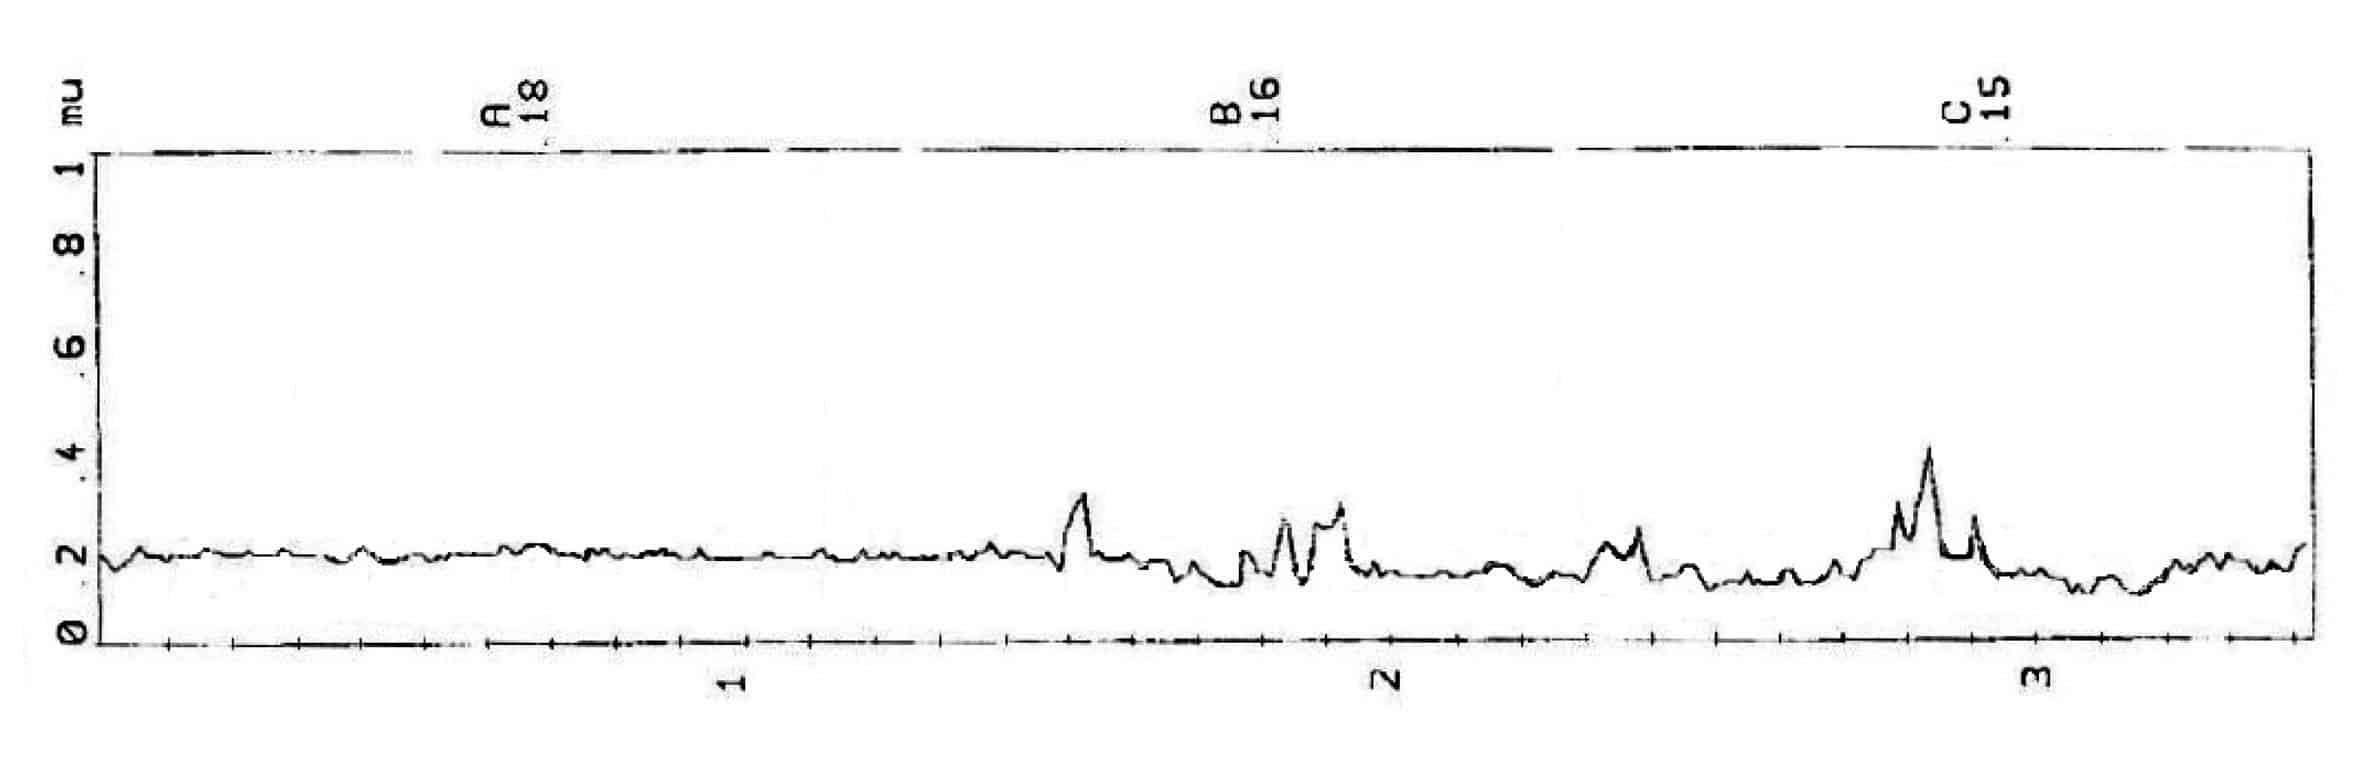 Il grafico del coefficiente di aderenza di una pista in condizioni di contaminazione nevosa (media = 0,16)